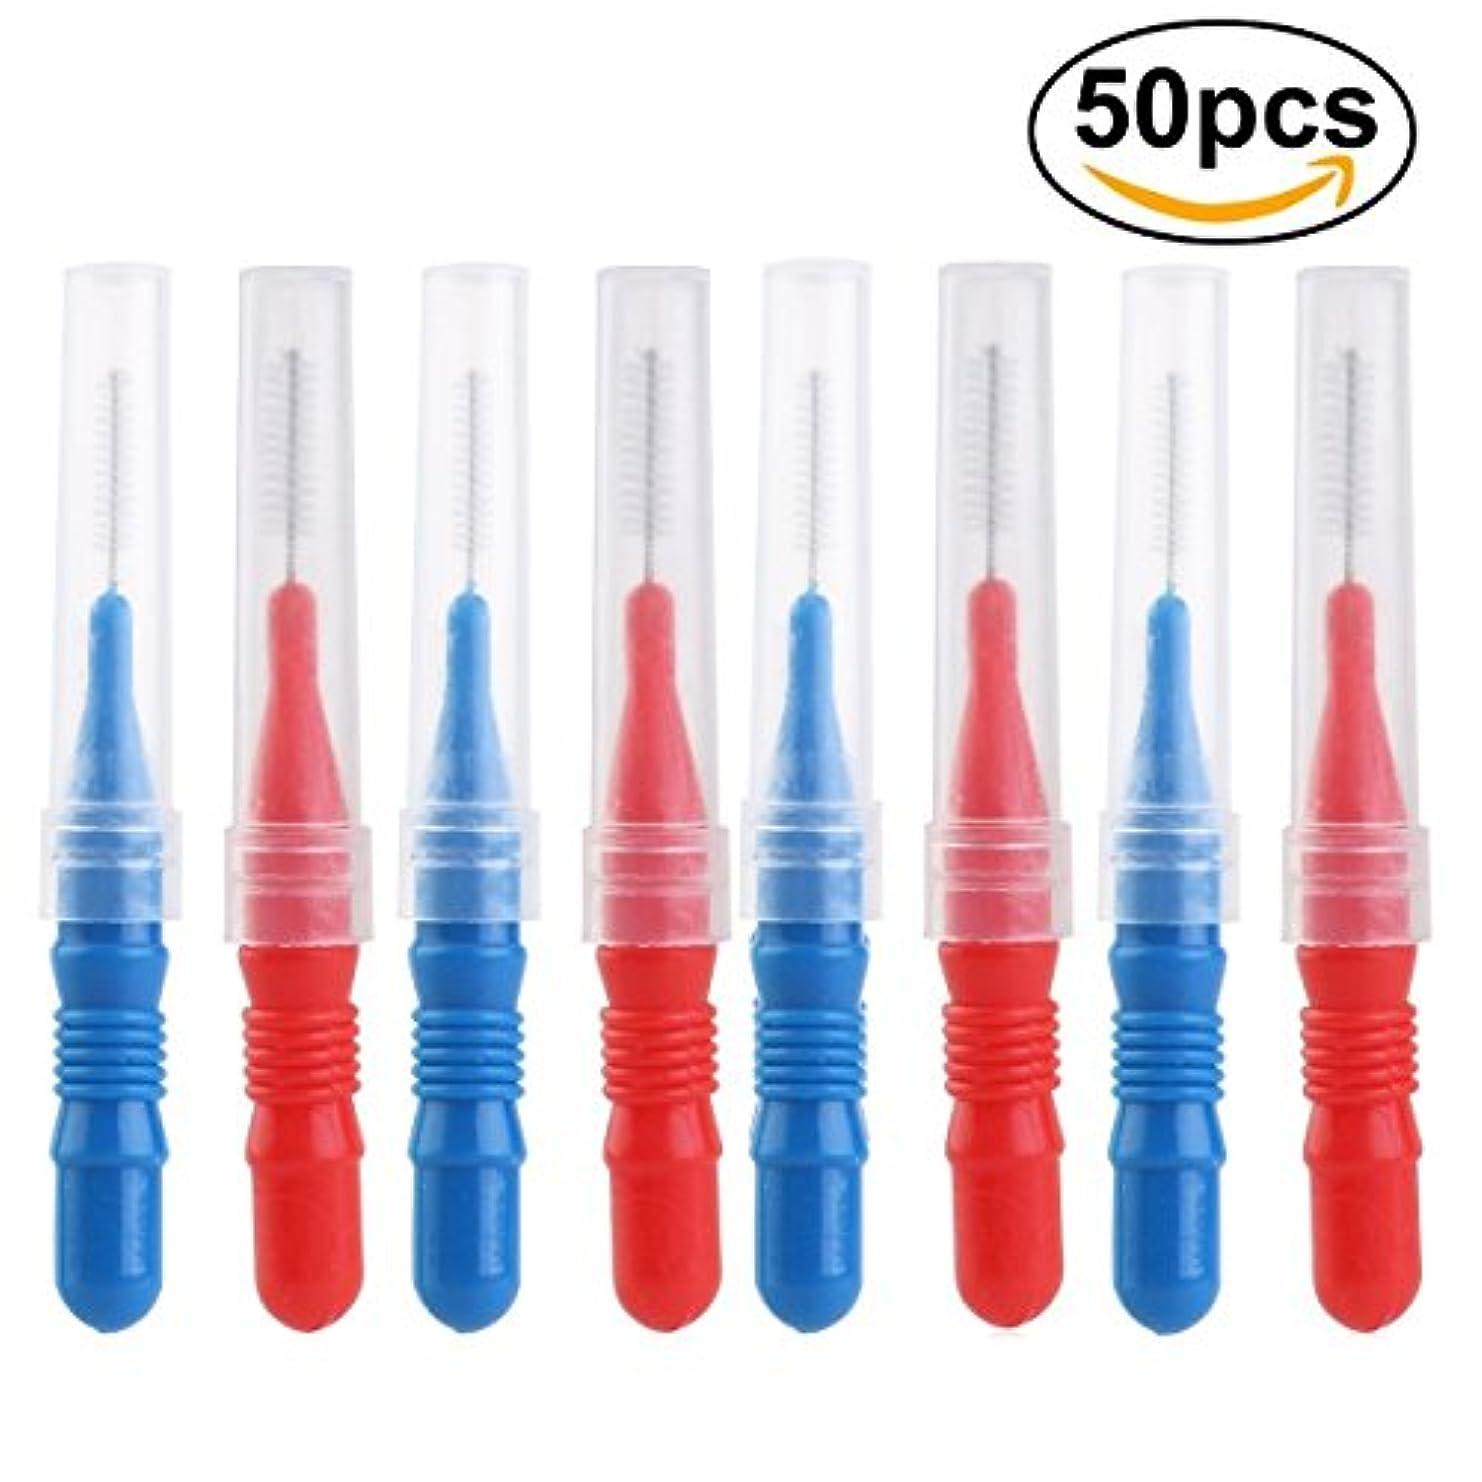 カートン恒久的リビジョンROSENICE 歯間ブラシ 50本 (25xレッド,25xブルー)